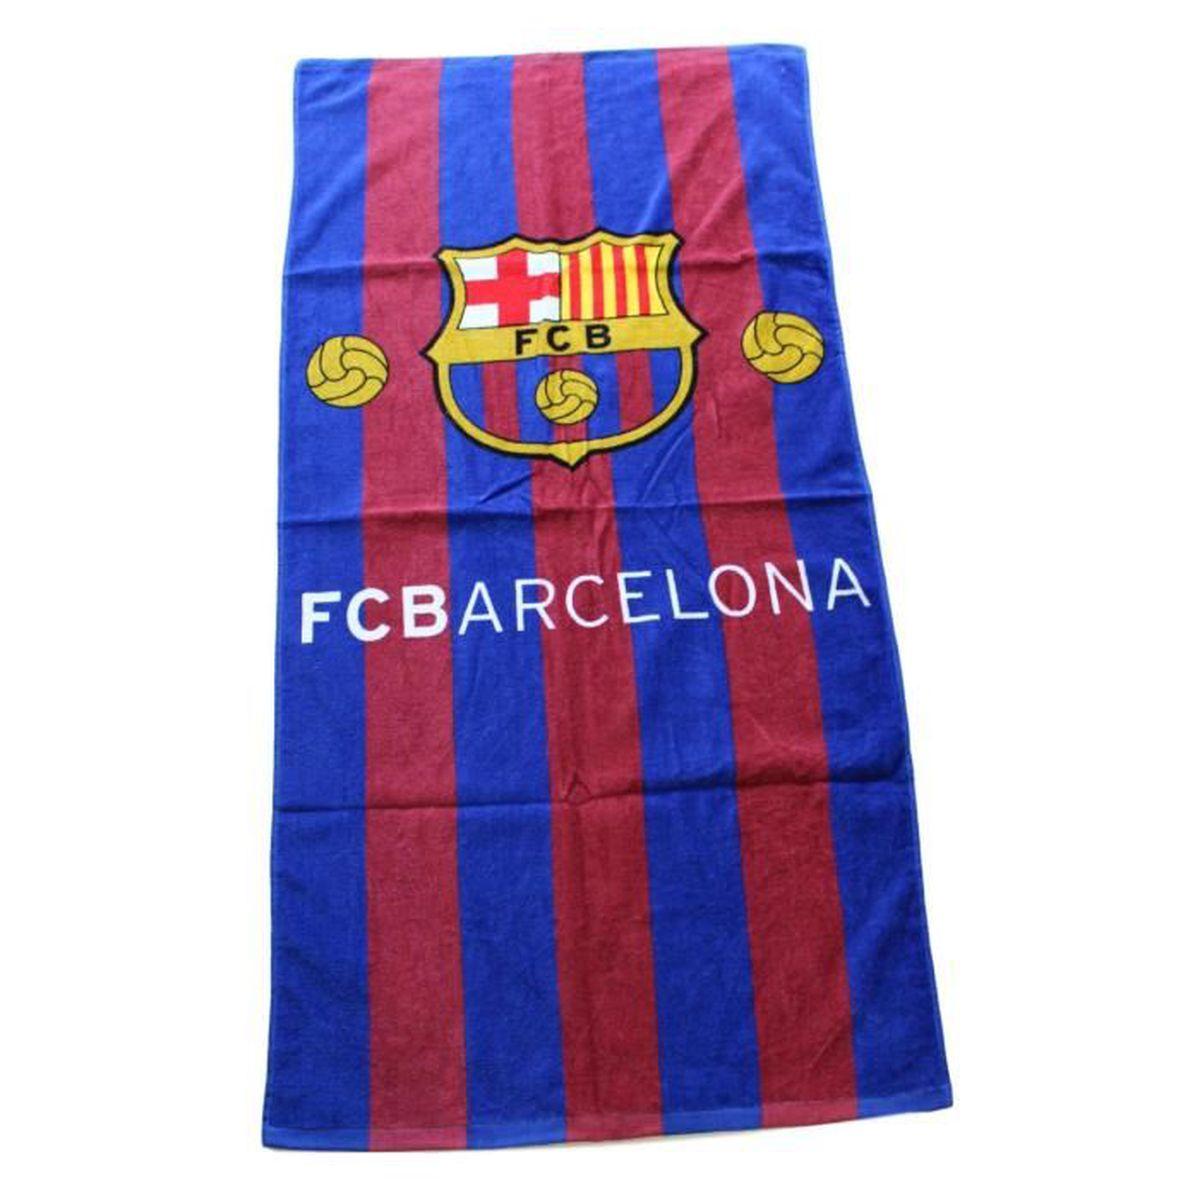 14d8a101e1f75b Serviette de Plage Drap de plage coton Fc barcelone Barça Messi Suarez